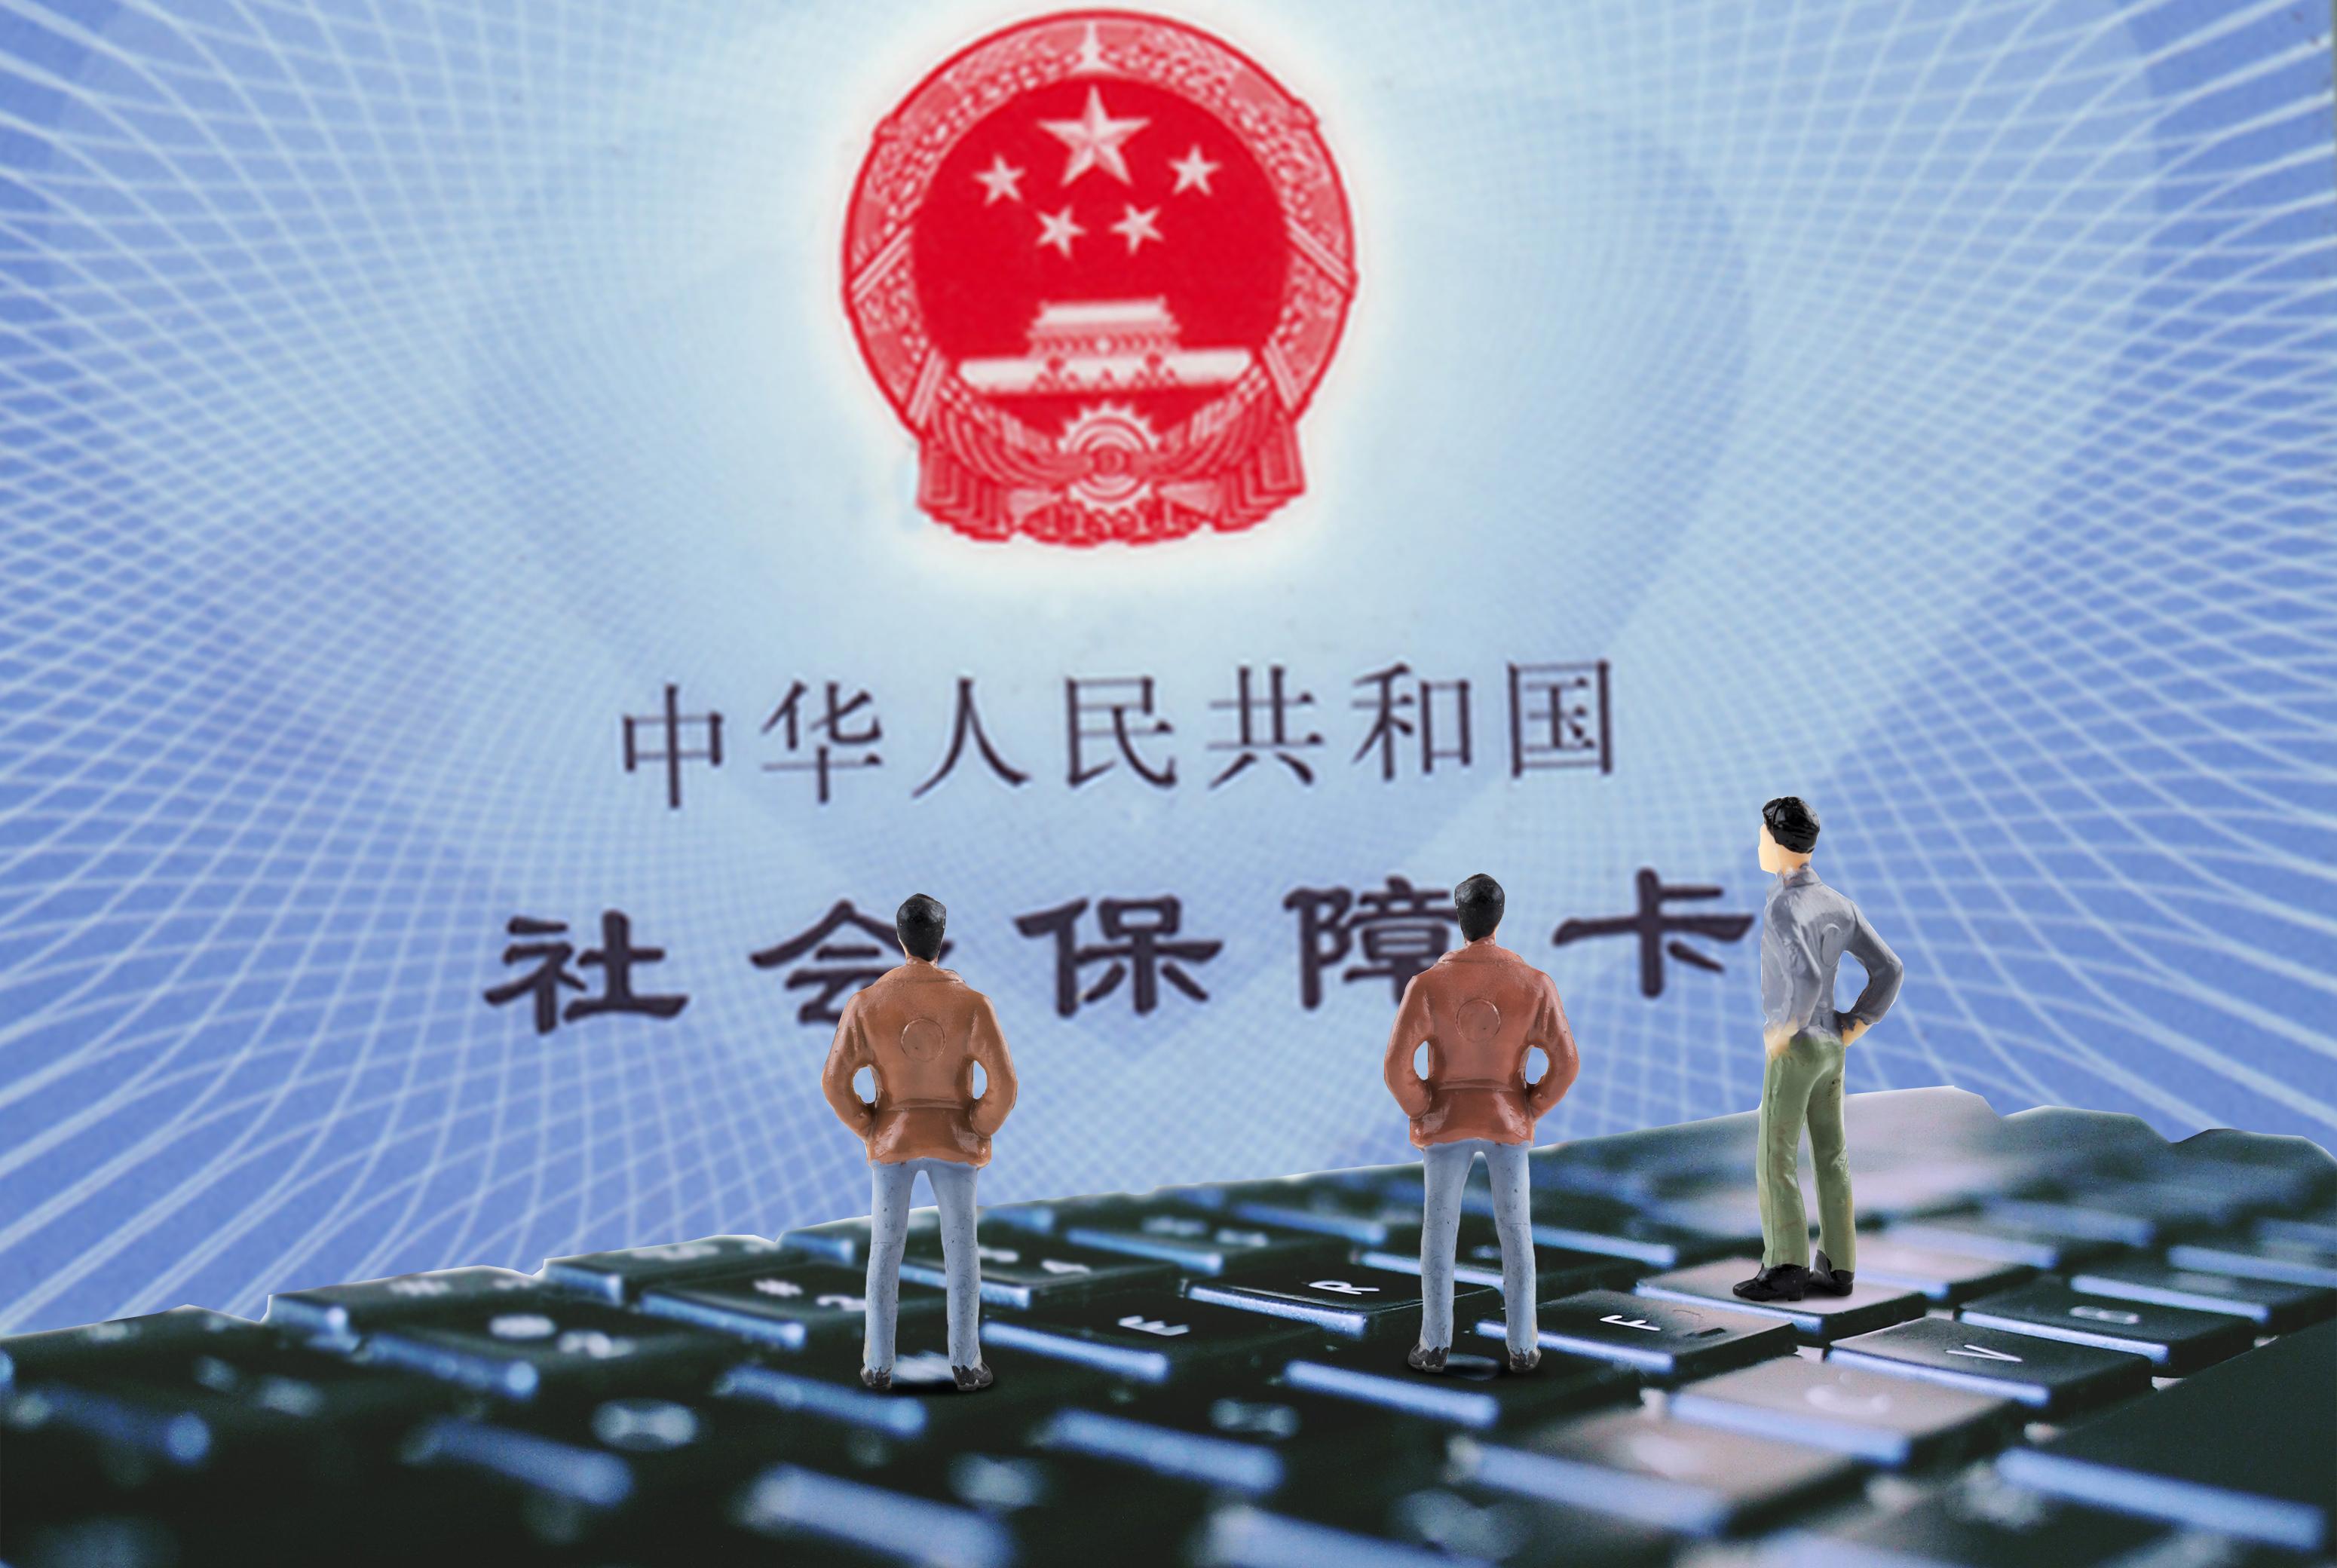 刚毕业的待业青年,杭州个人交社保多少钱?